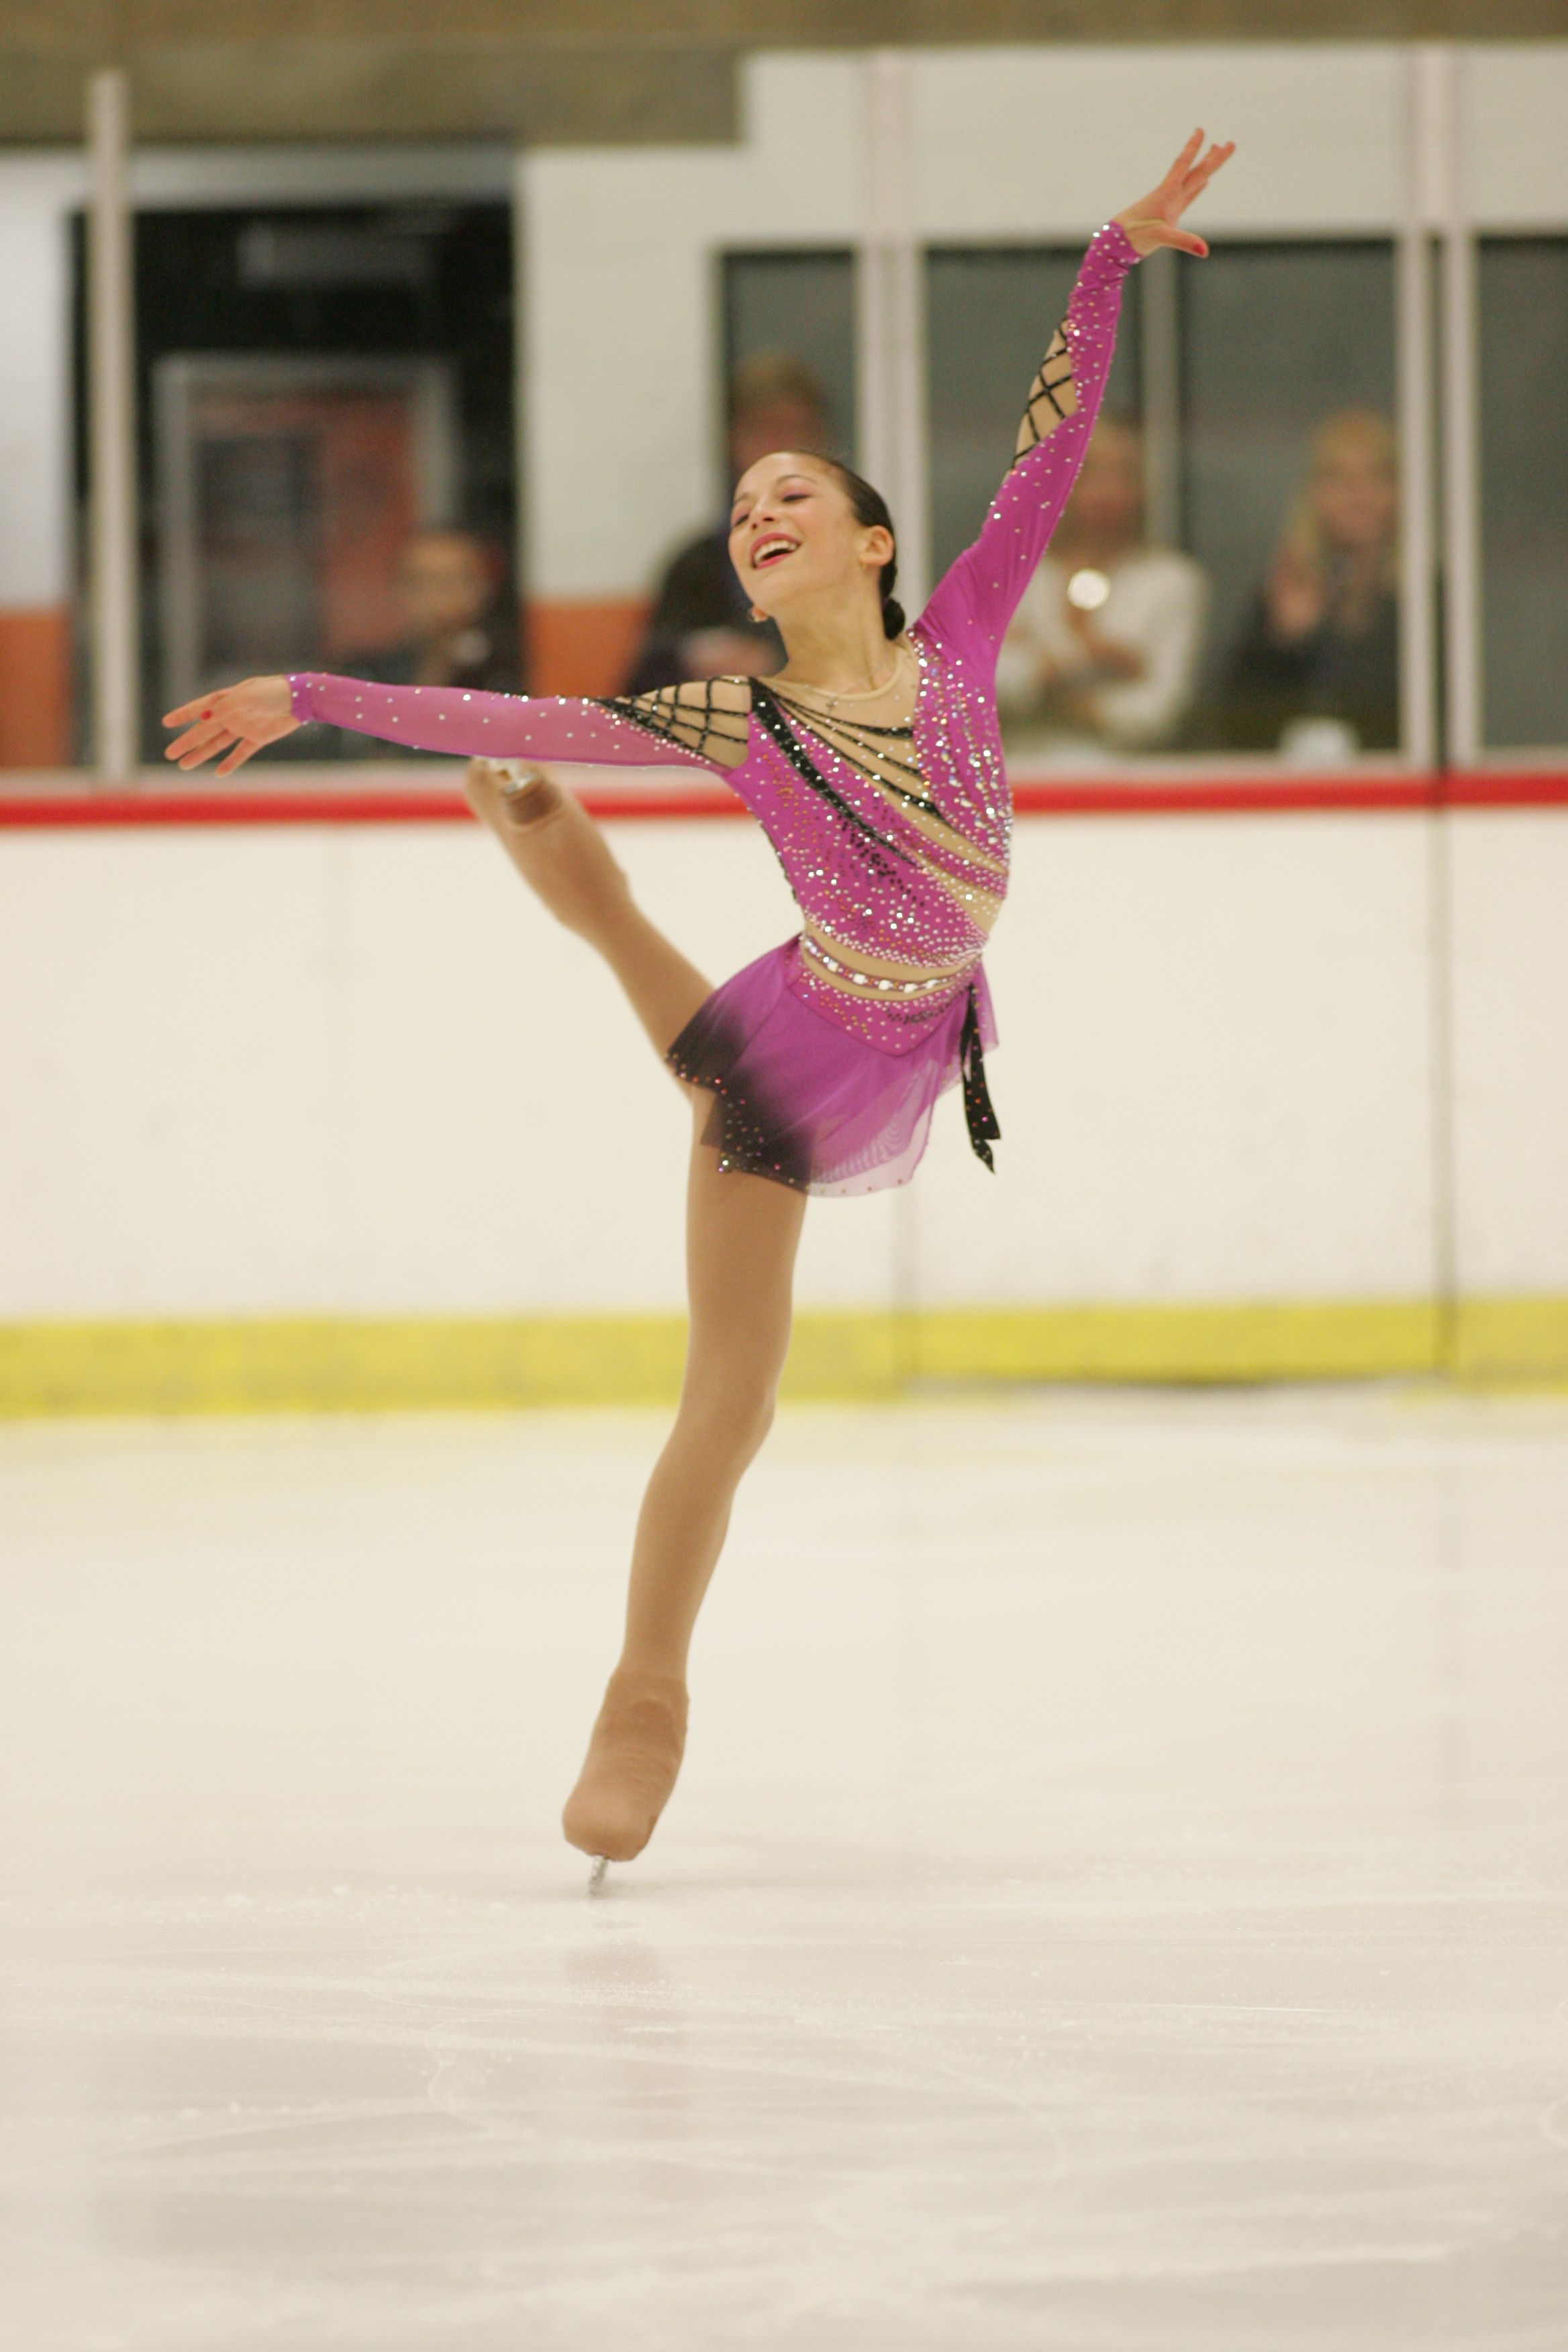 Leah Keiser, Pink Figure Skating / Ice Skating dress inspiration for Sk8 Gr8 Designs.